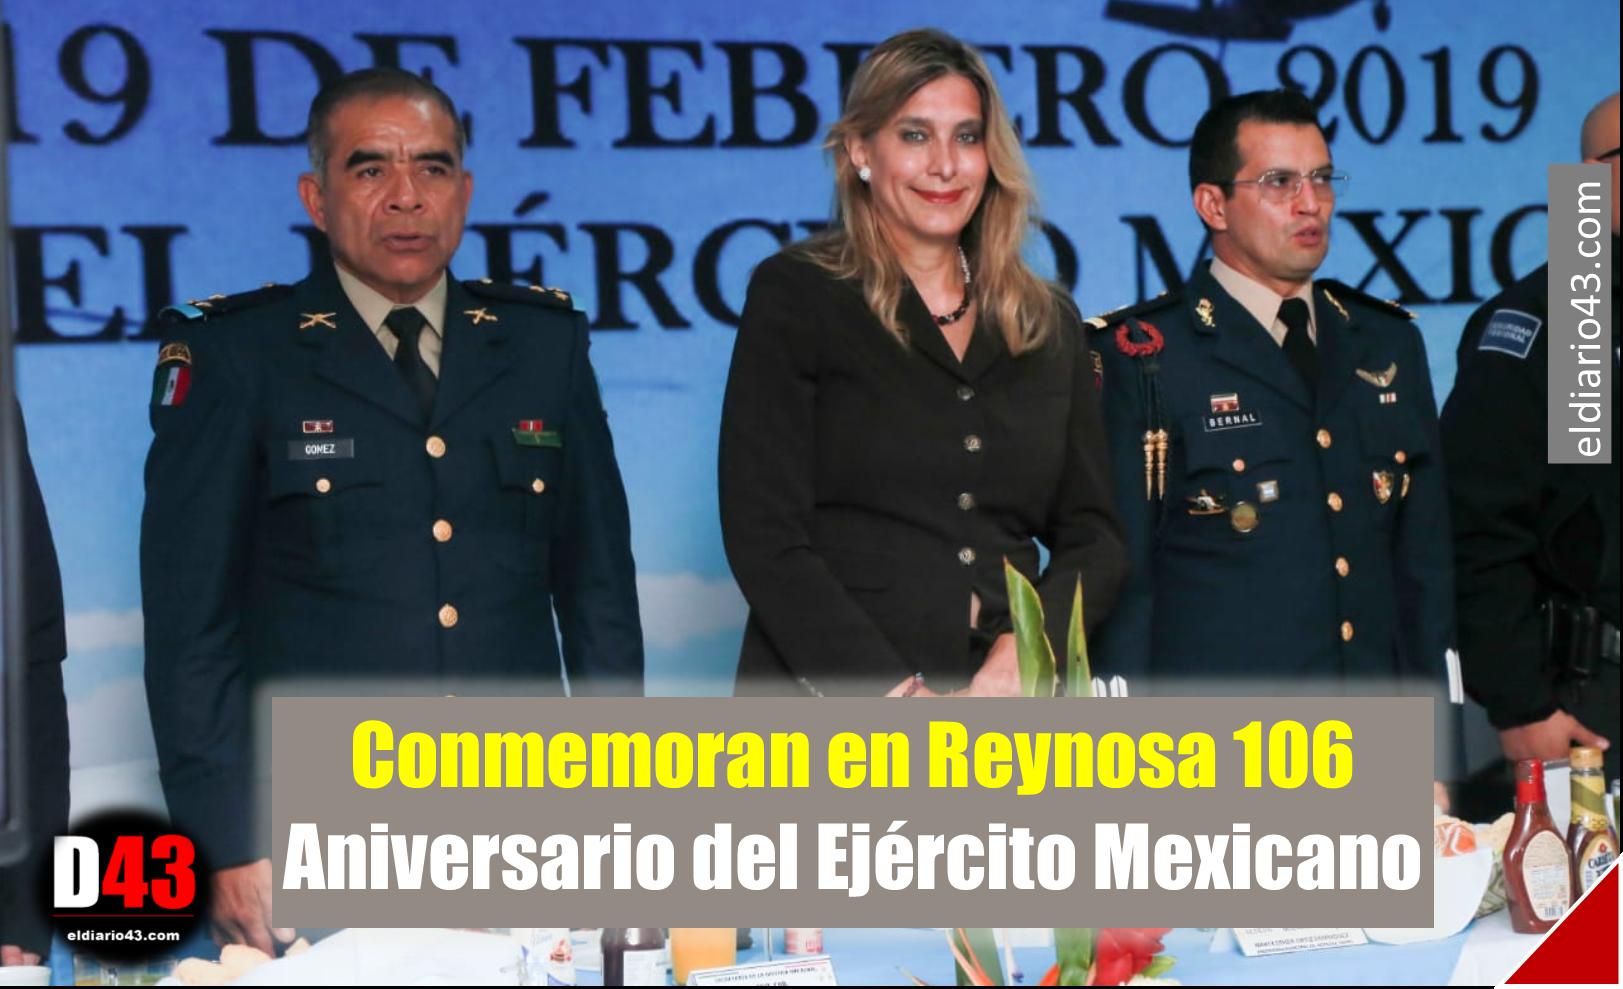 Conmemoran en Reynosa 106 Aniversario del Ejército Mexicano